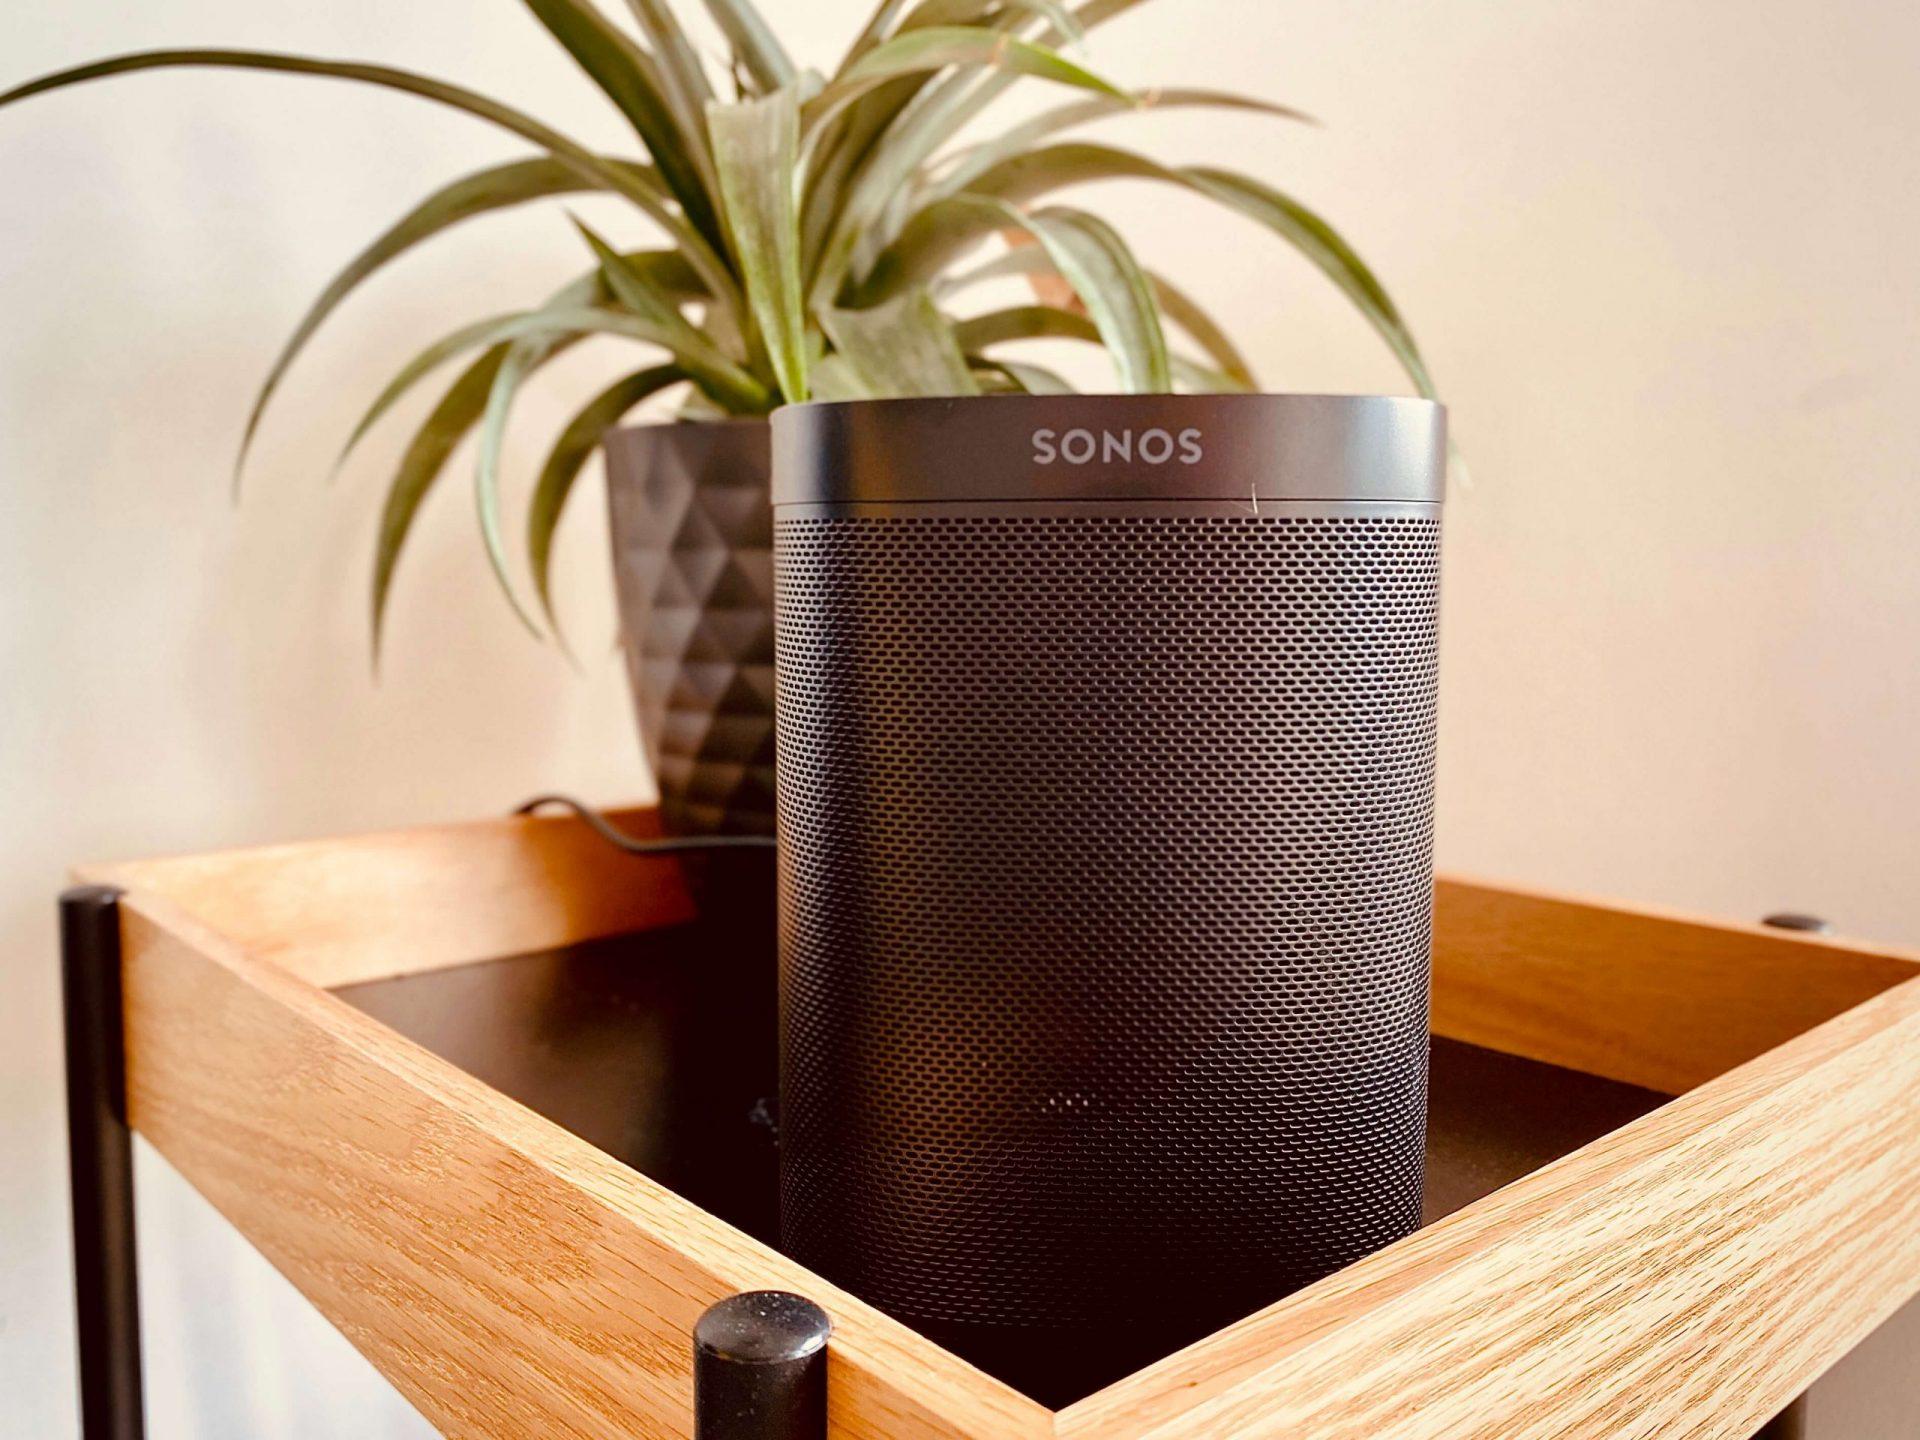 Youtube über Sonos abspielen – So lässt sich Youtube auf Sonos Lautsprecher streamen